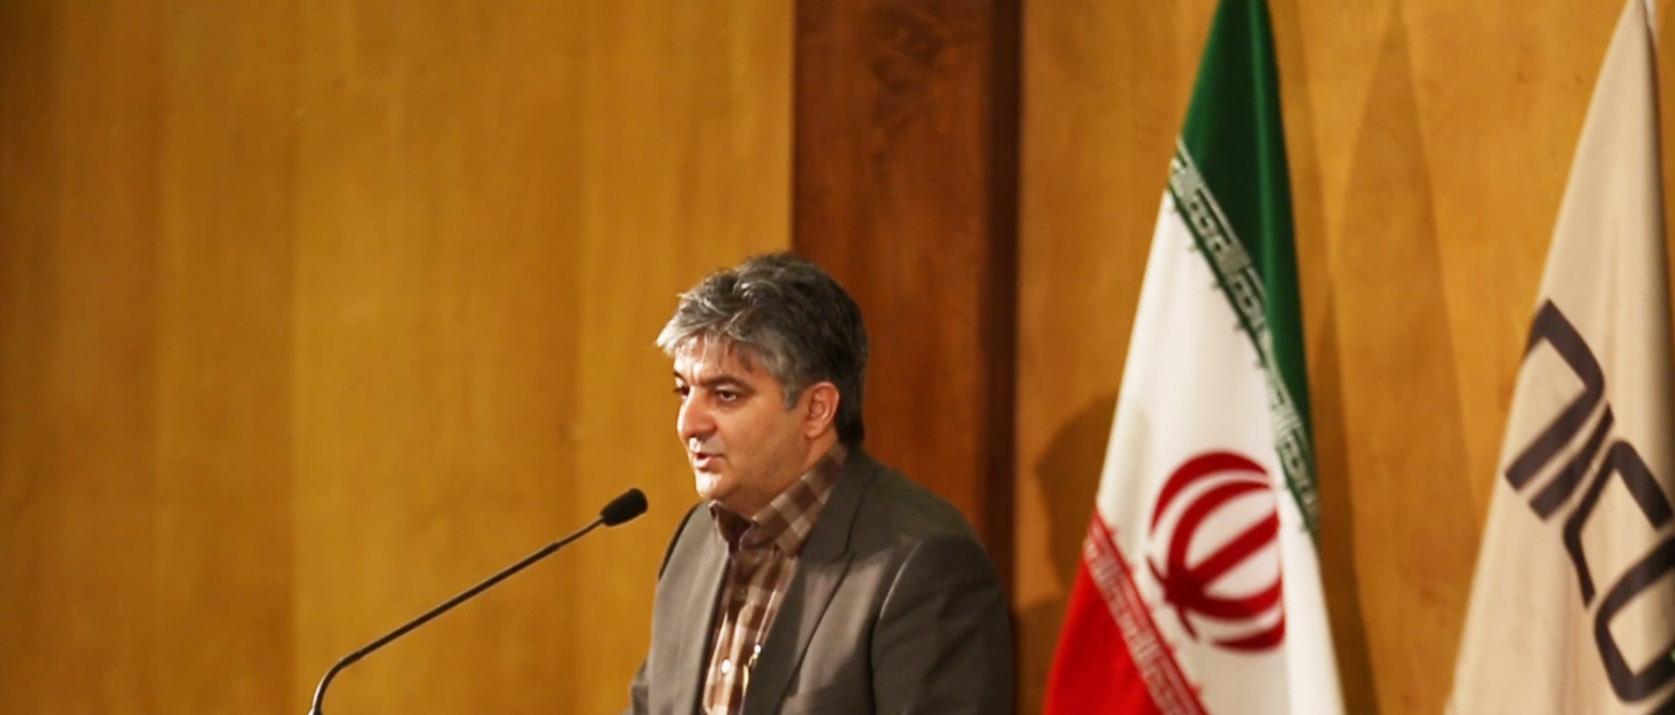 افشین شادی مهر مدیر مسئول مجله اخبار صنعت